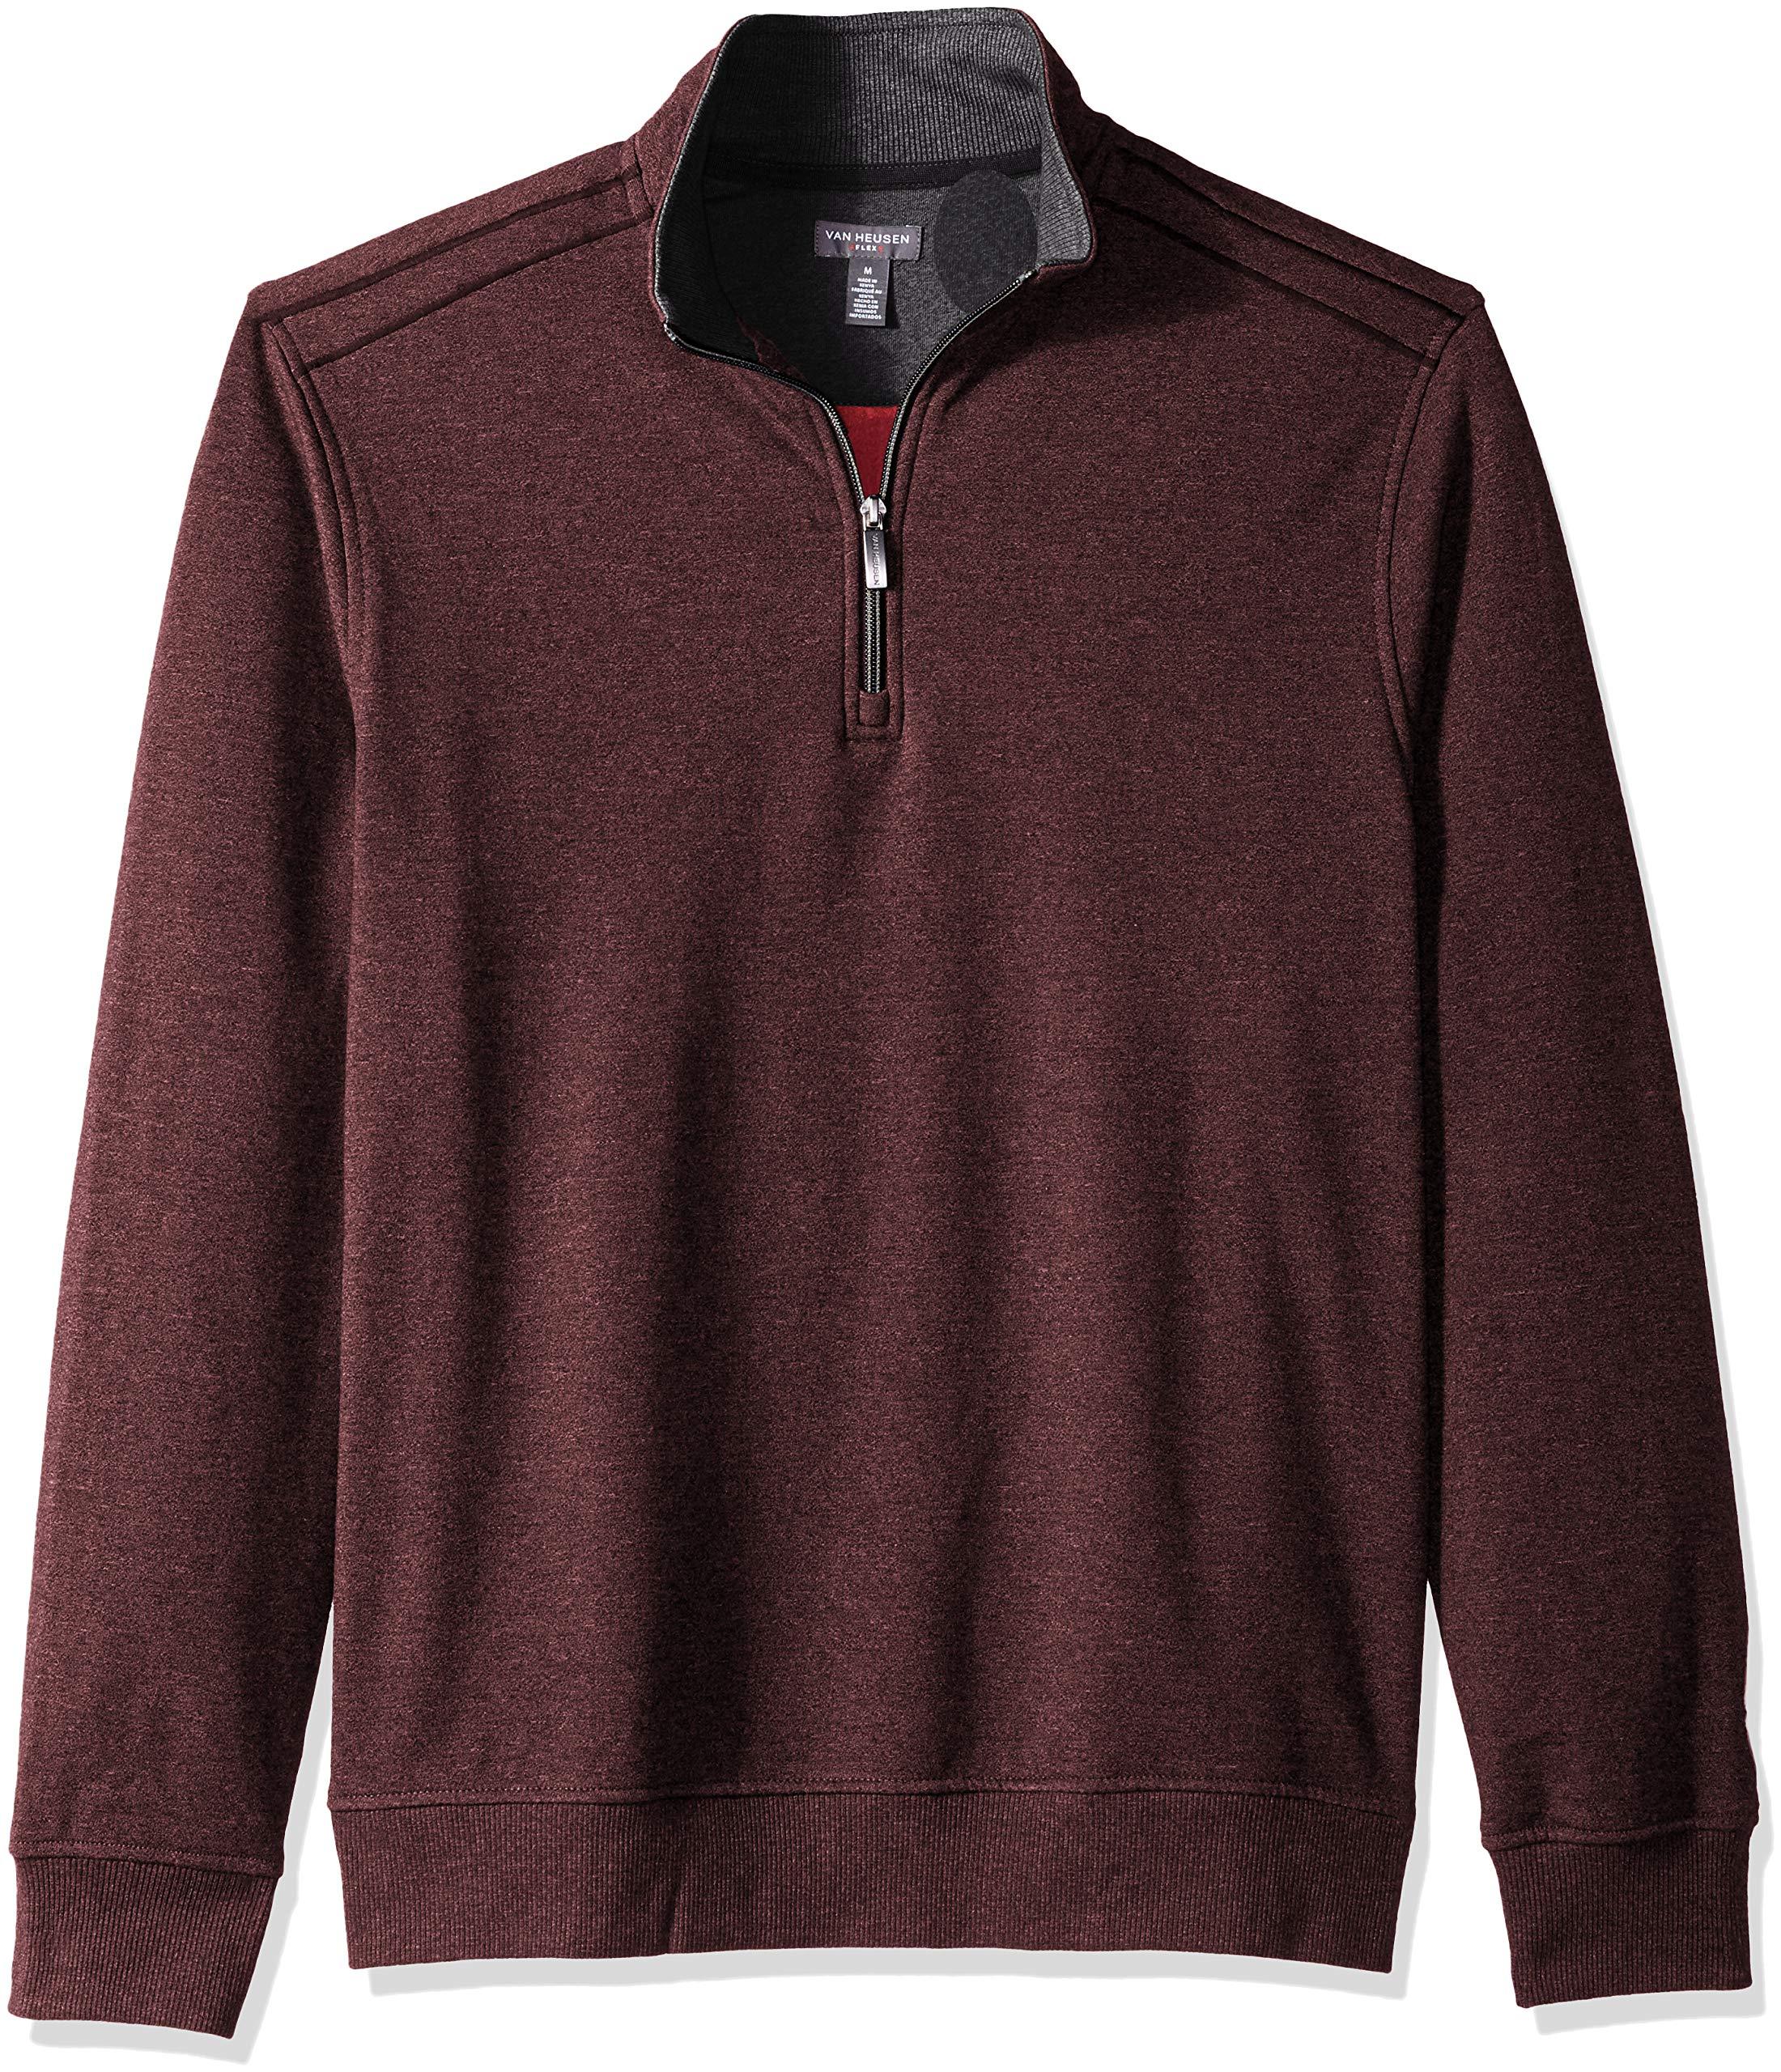 Van Heusen Men's Flex Long Sleeve 1/4 Zip Soft Sweater Fleece, Red Merlot, Large by Van Heusen